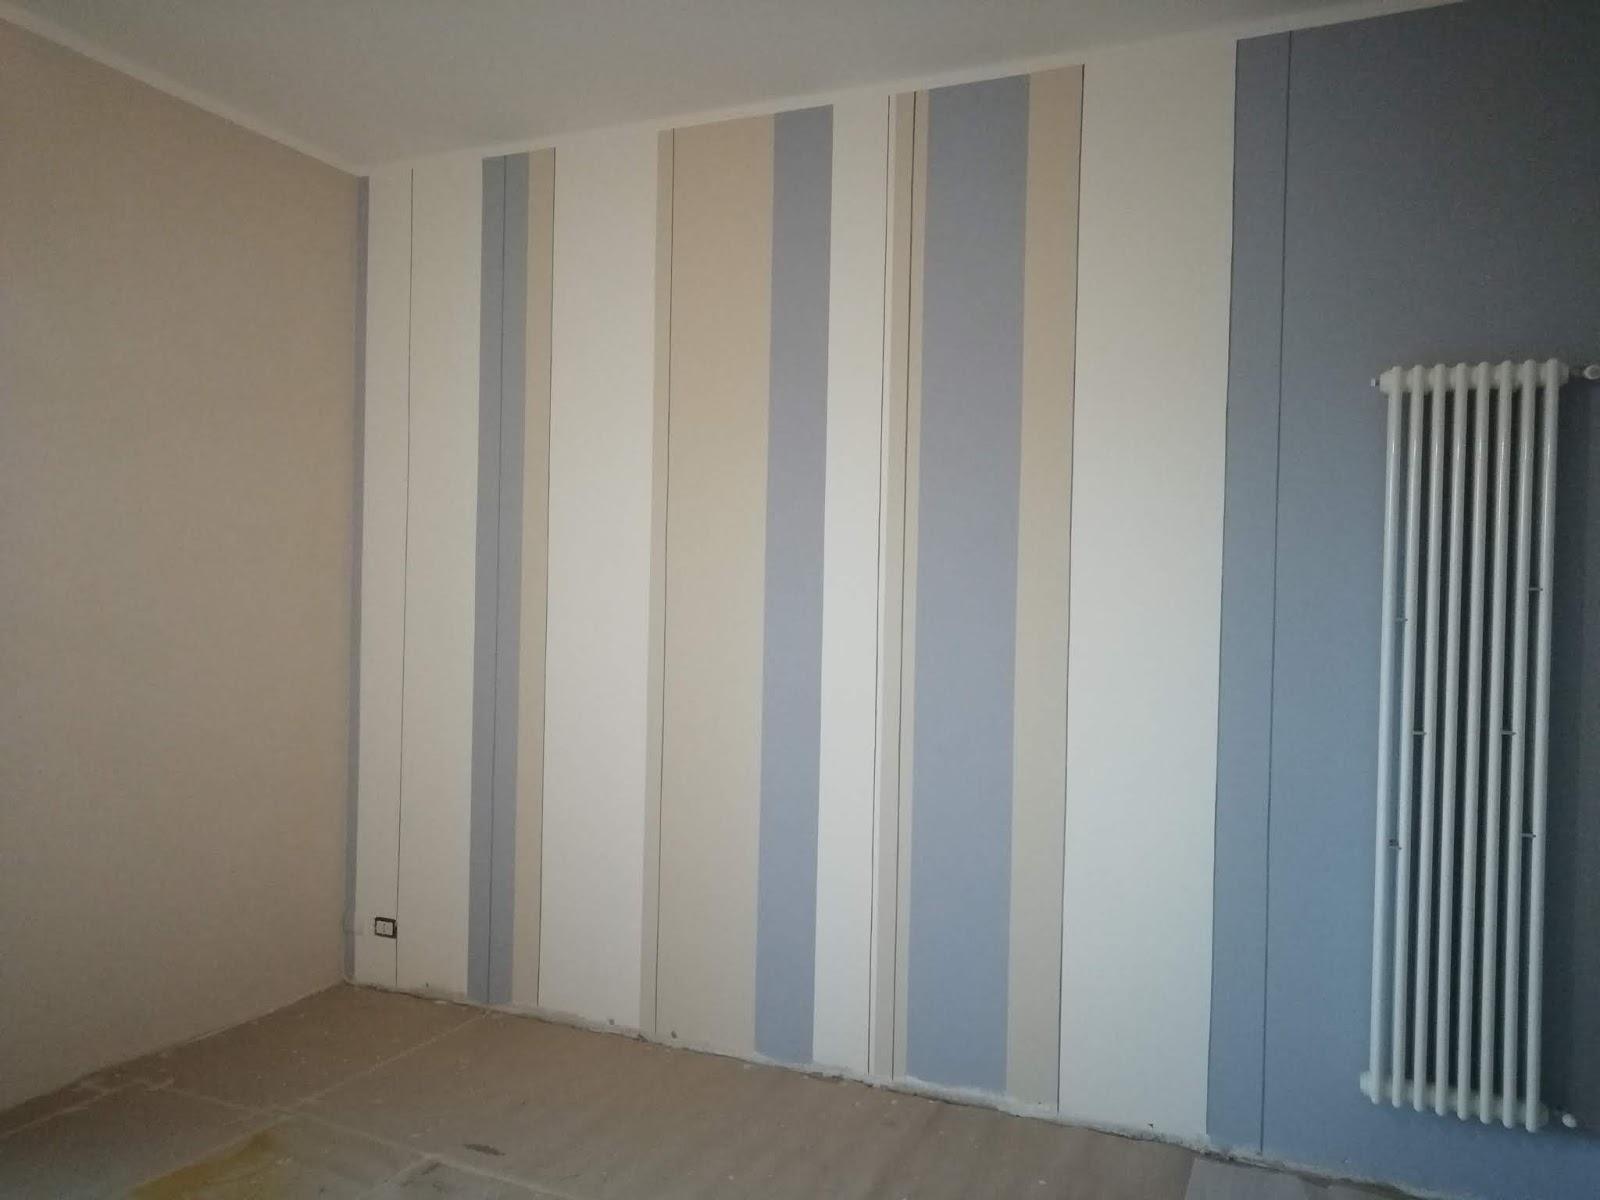 Pareti A Strisce Verticali : Chiartec pareti a righe